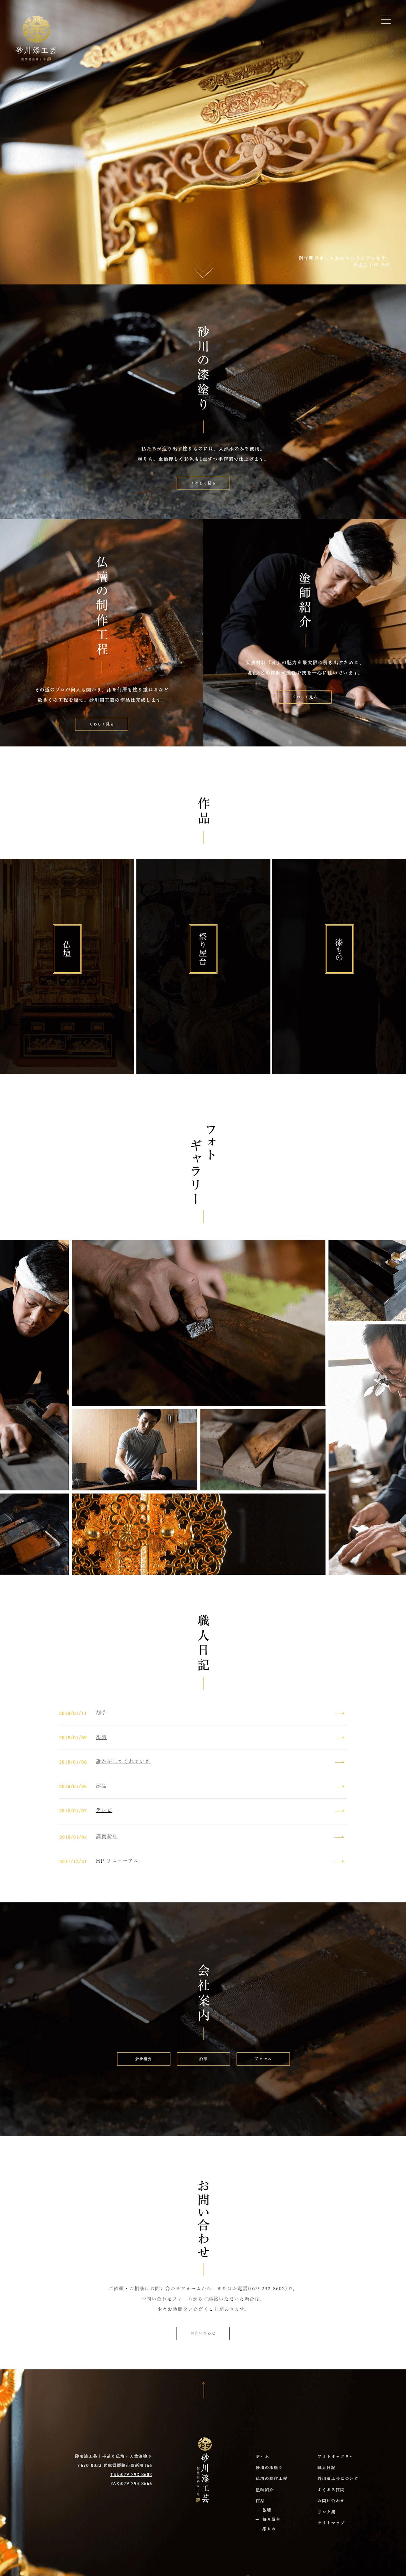 姫路市 砂川漆工芸/砂川仏檀店様 ホームページ制作1